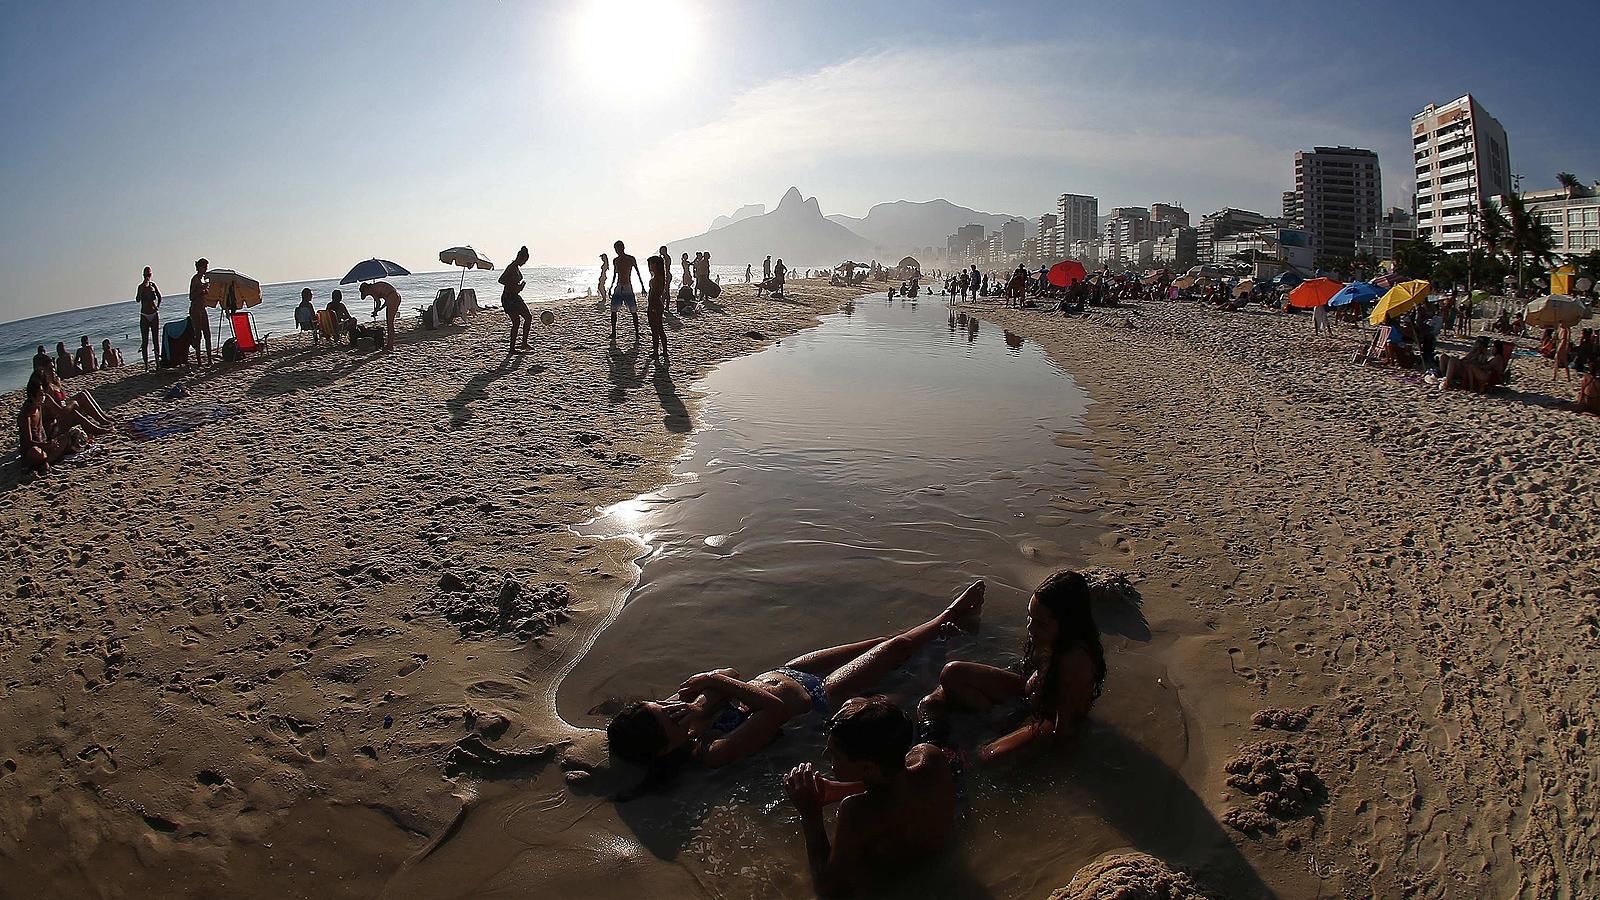 В началото на лятото, прогнозите предвиждат температурите да стигнат до над 40 градуса по Целзий в Рио де Жанейро за близо една седмица